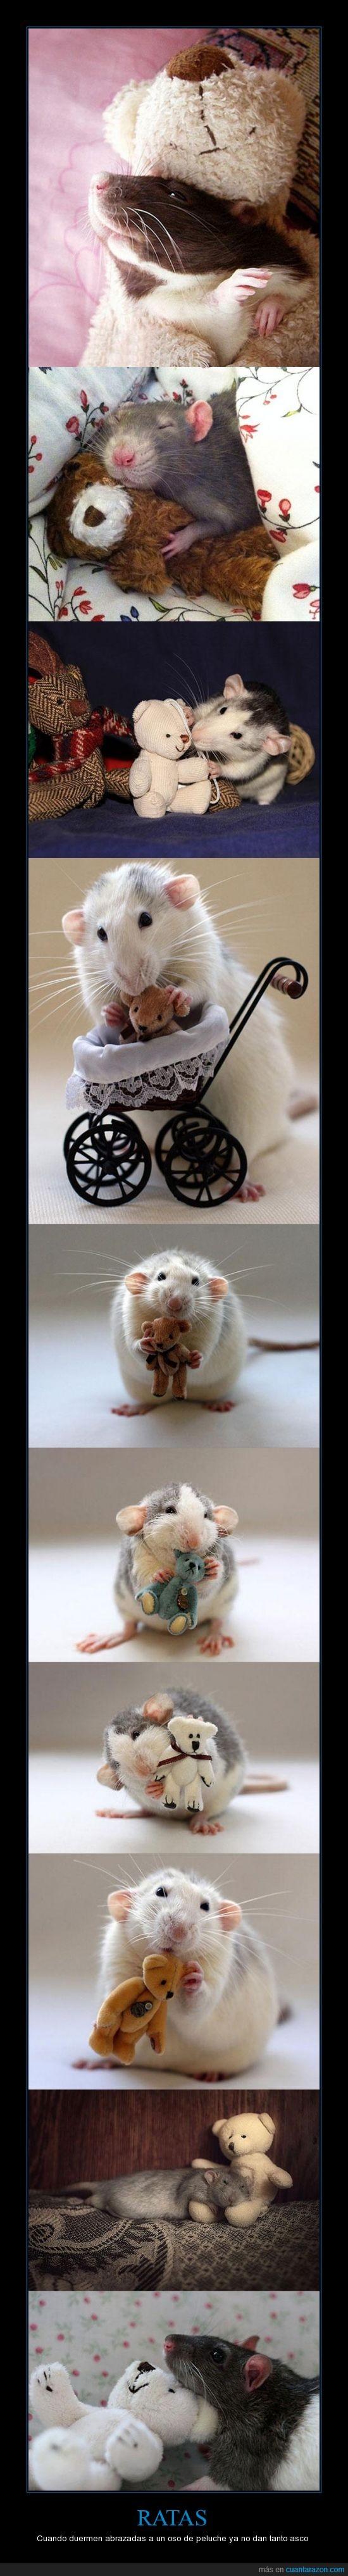 abrazar,animal,dar asco,oso peluche,que mona,ratas